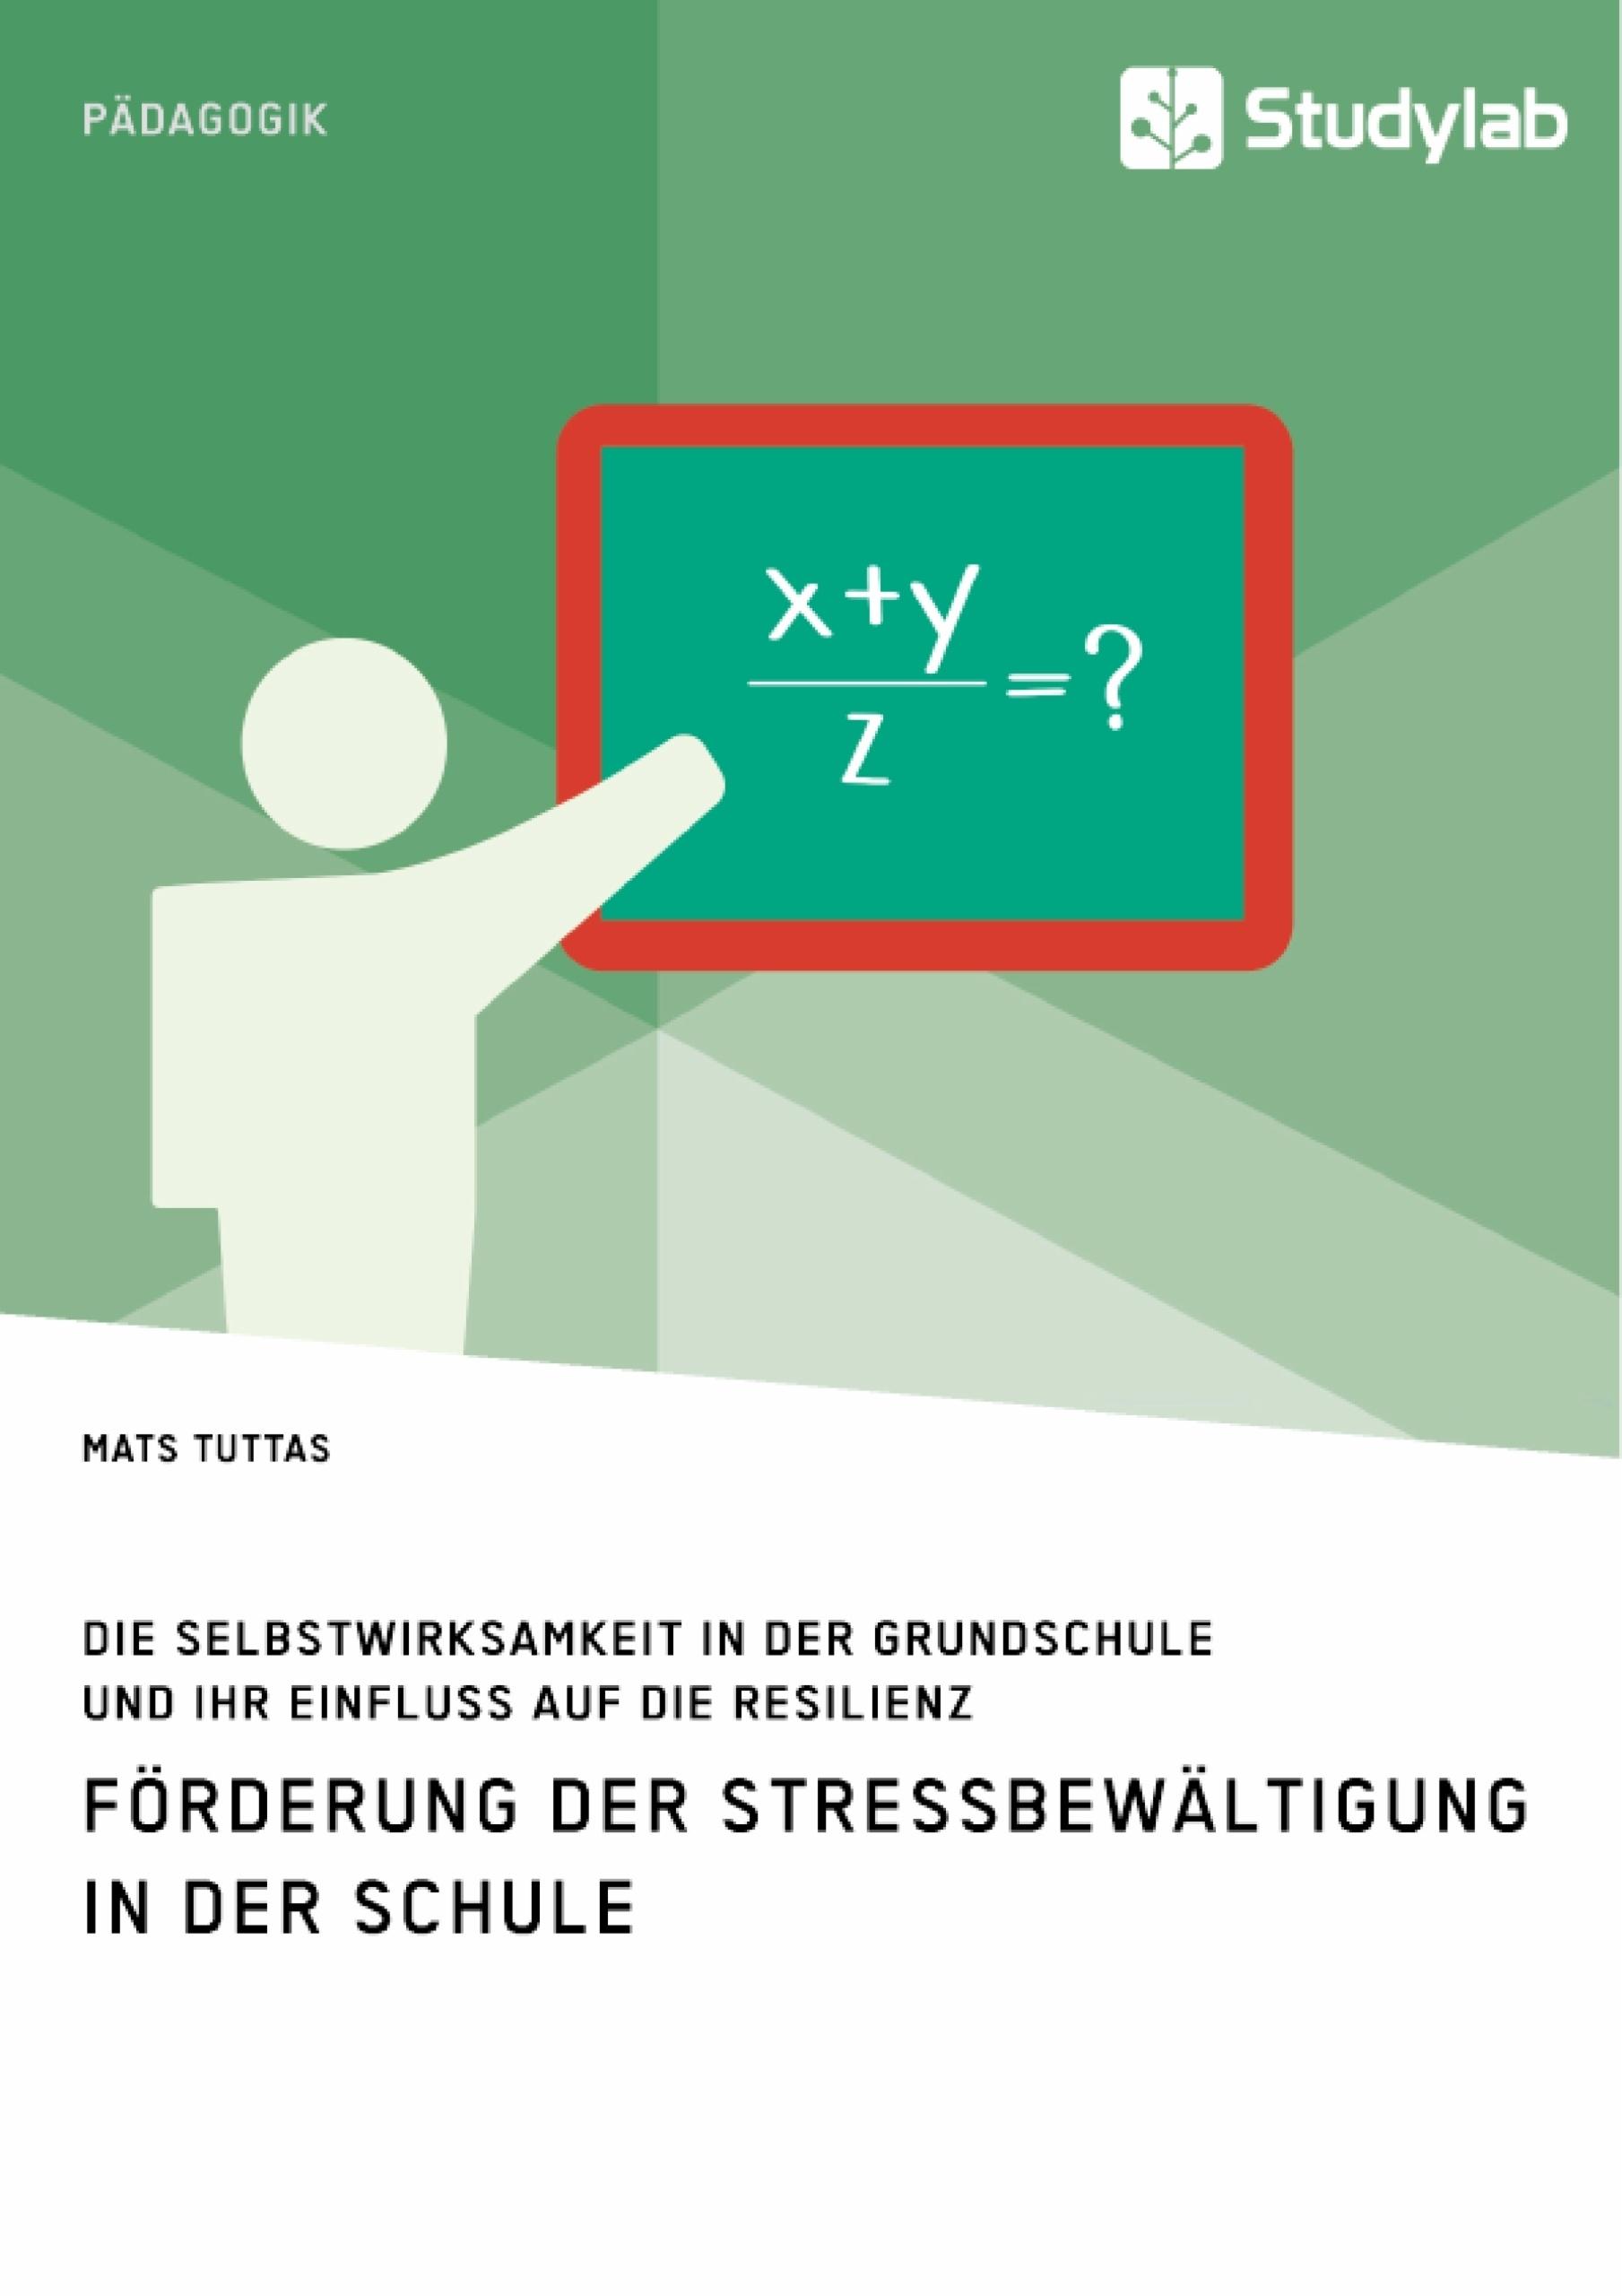 Titel: Förderung der Stressbewältigung in der Schule. Die Selbstwirksamkeit in der Grundschule und ihr Einfluss auf die Resilienz